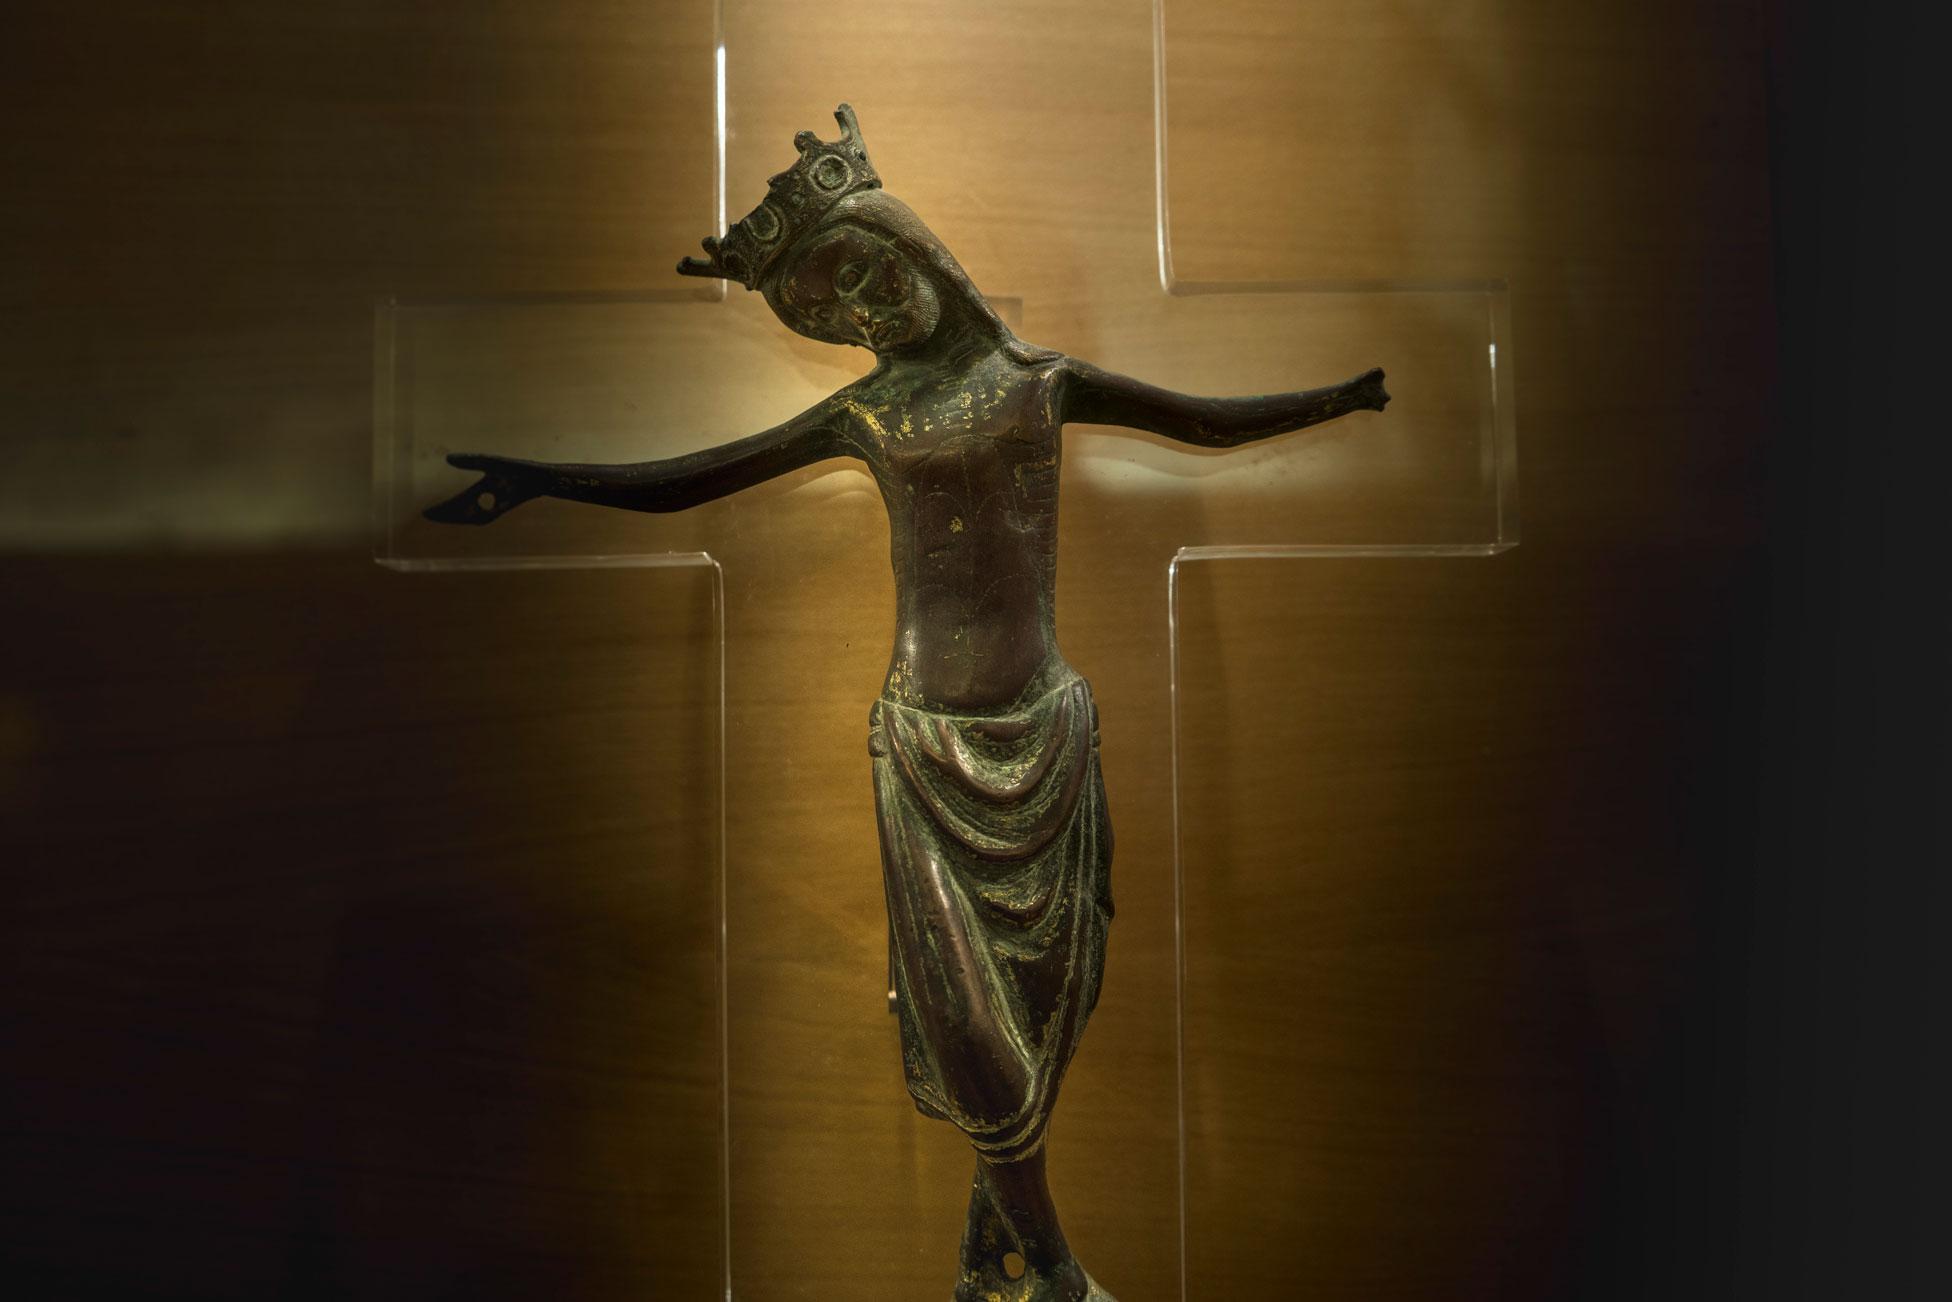 Cristo románico sglo XIII